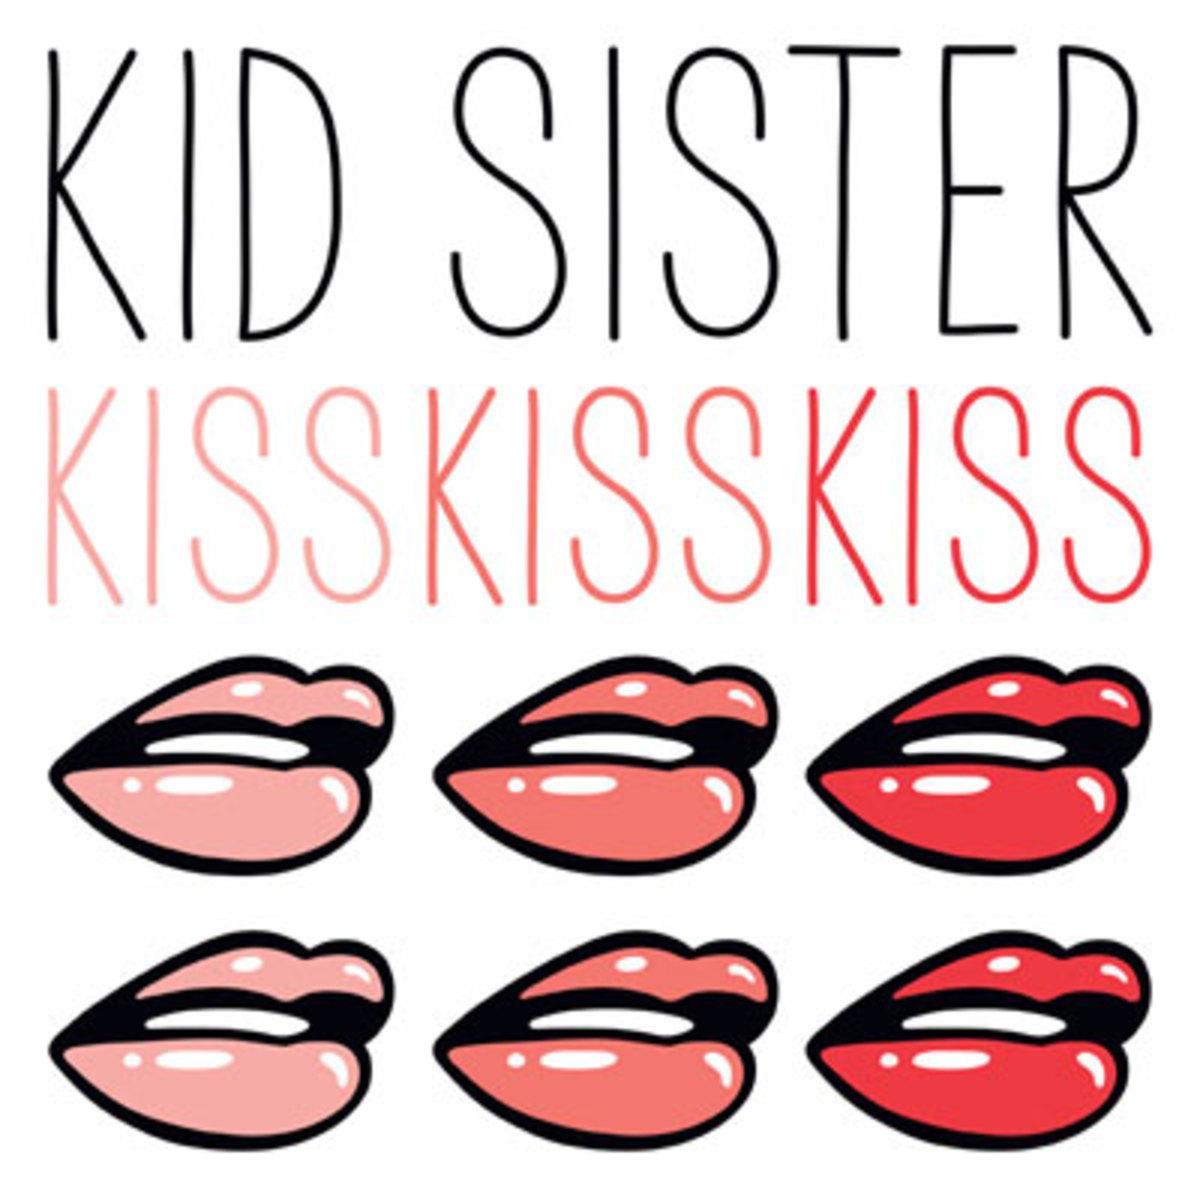 kidsister-kisskisskiss.jpg